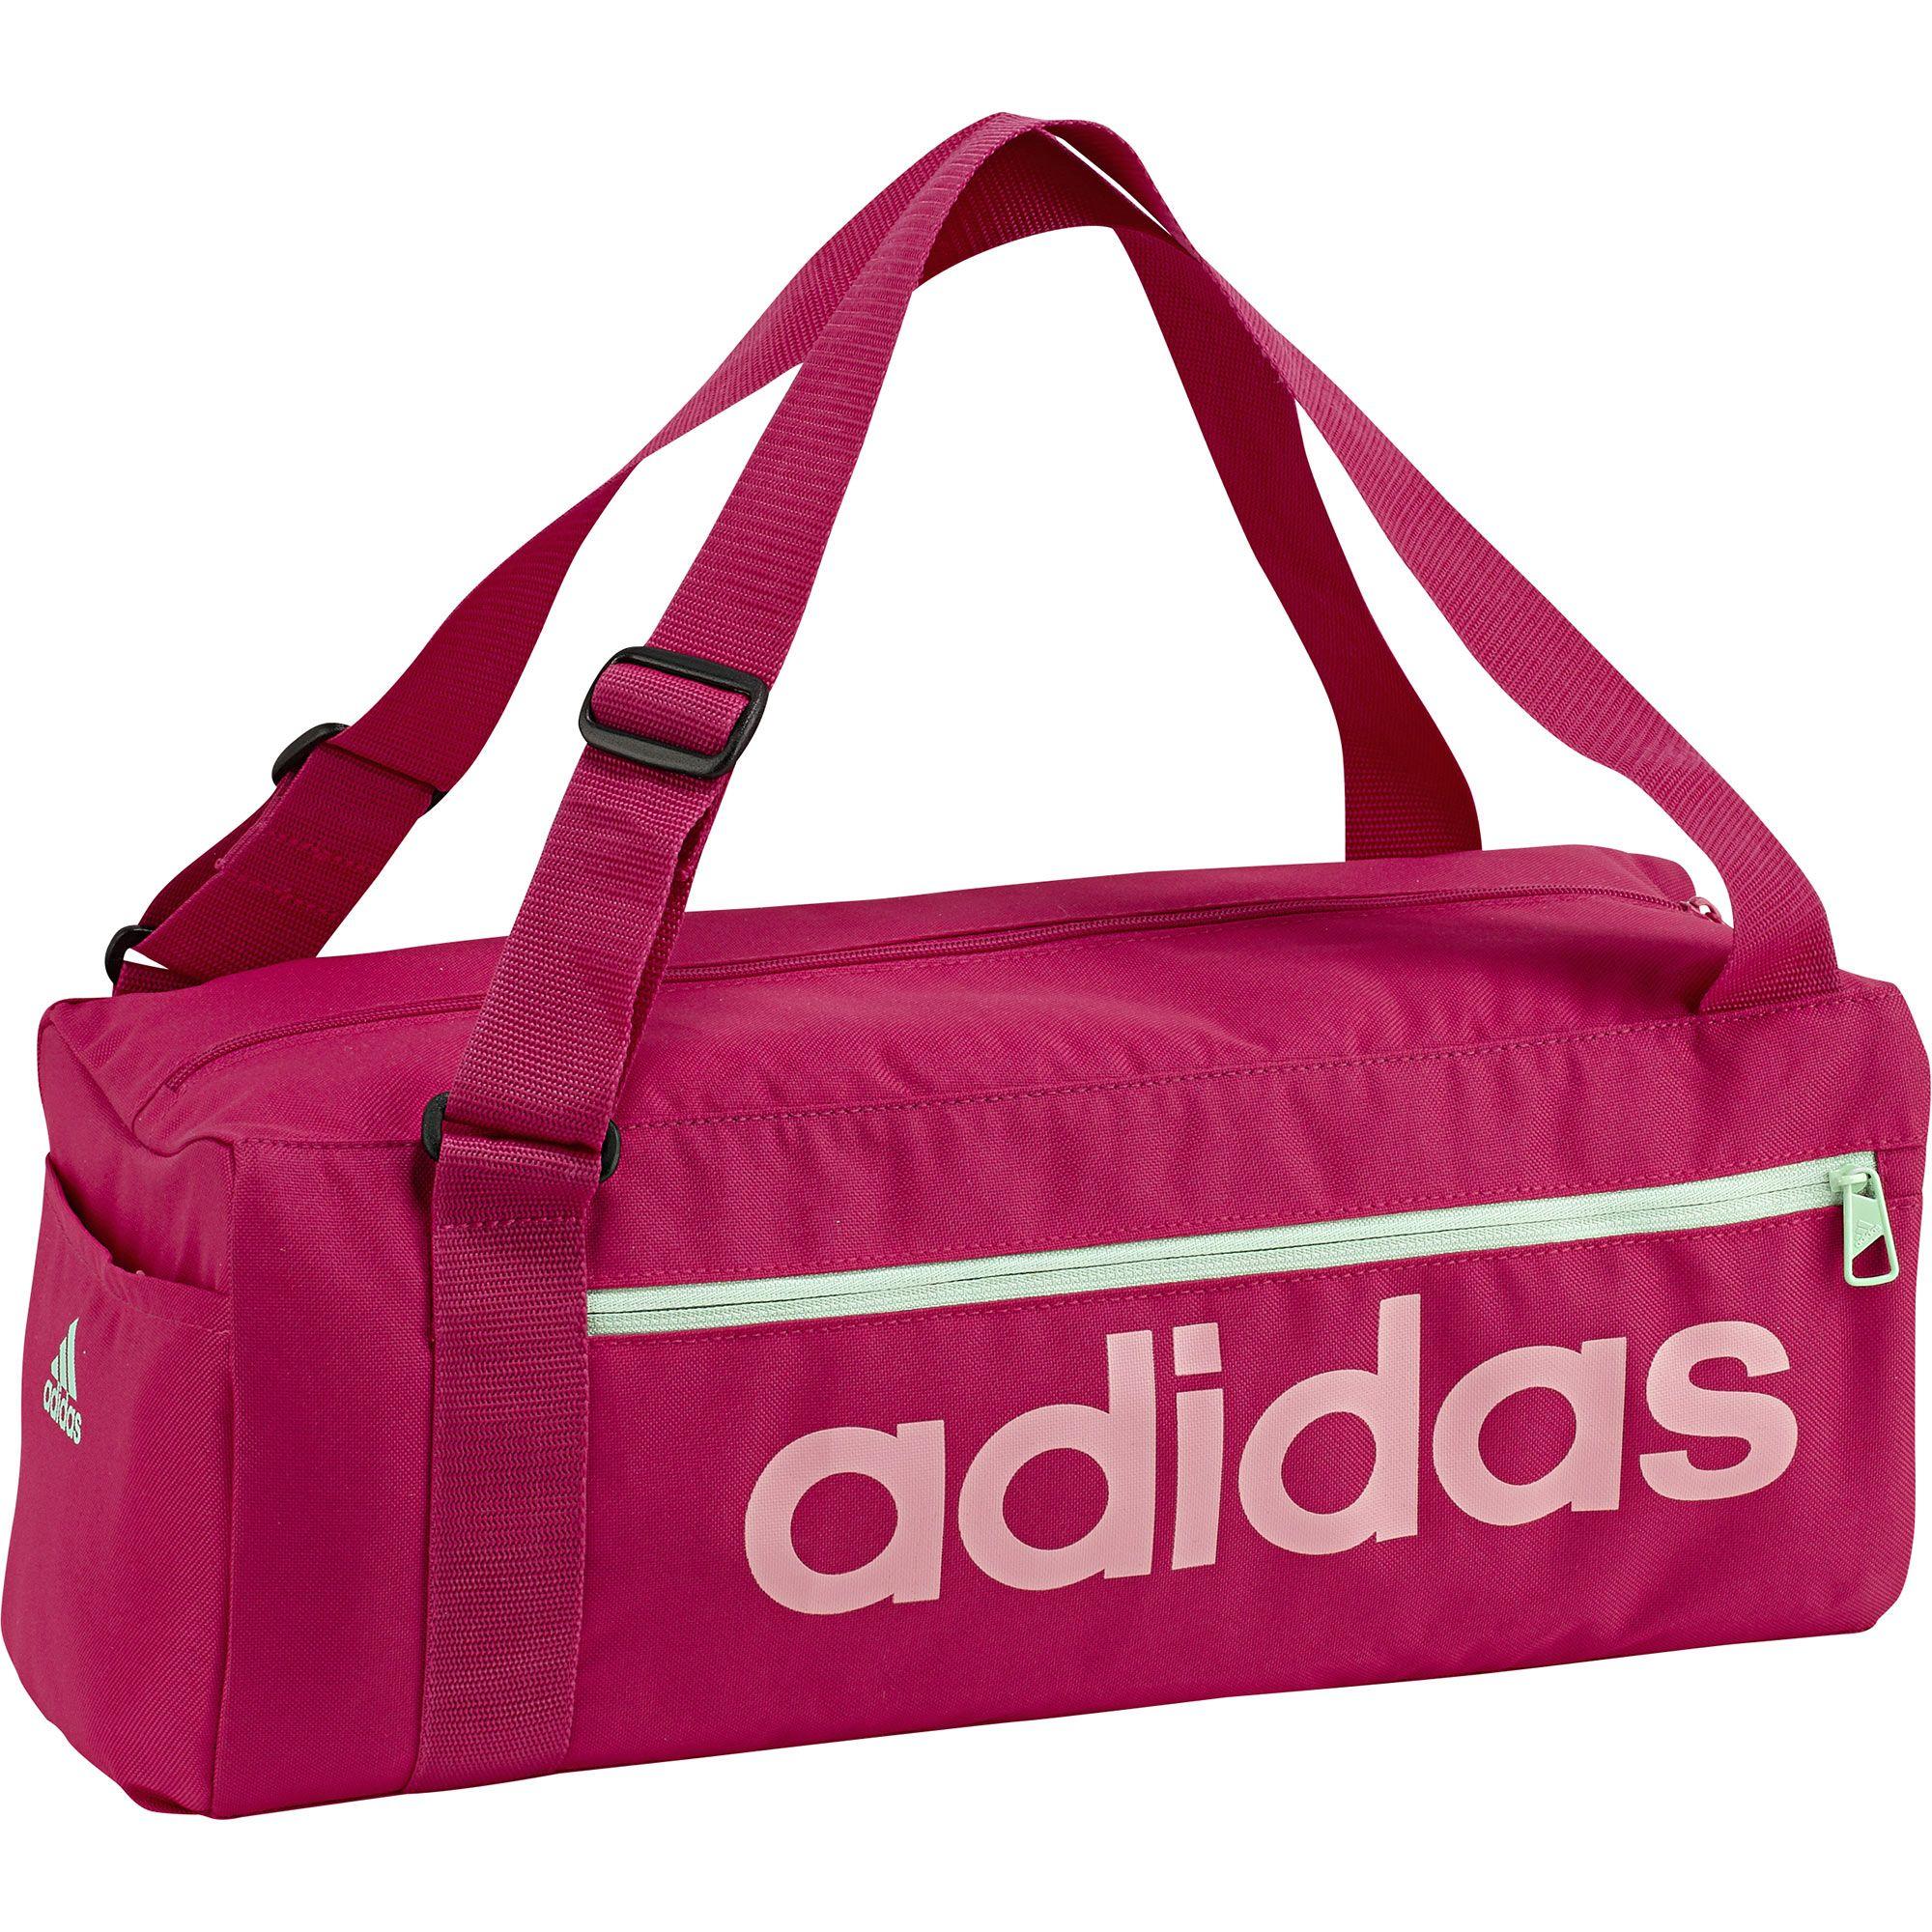 0bb43f0b4a38a Bolsa Duffle Linear PP Feminina adidas   adidas Brasil   SCREENSHOT ...